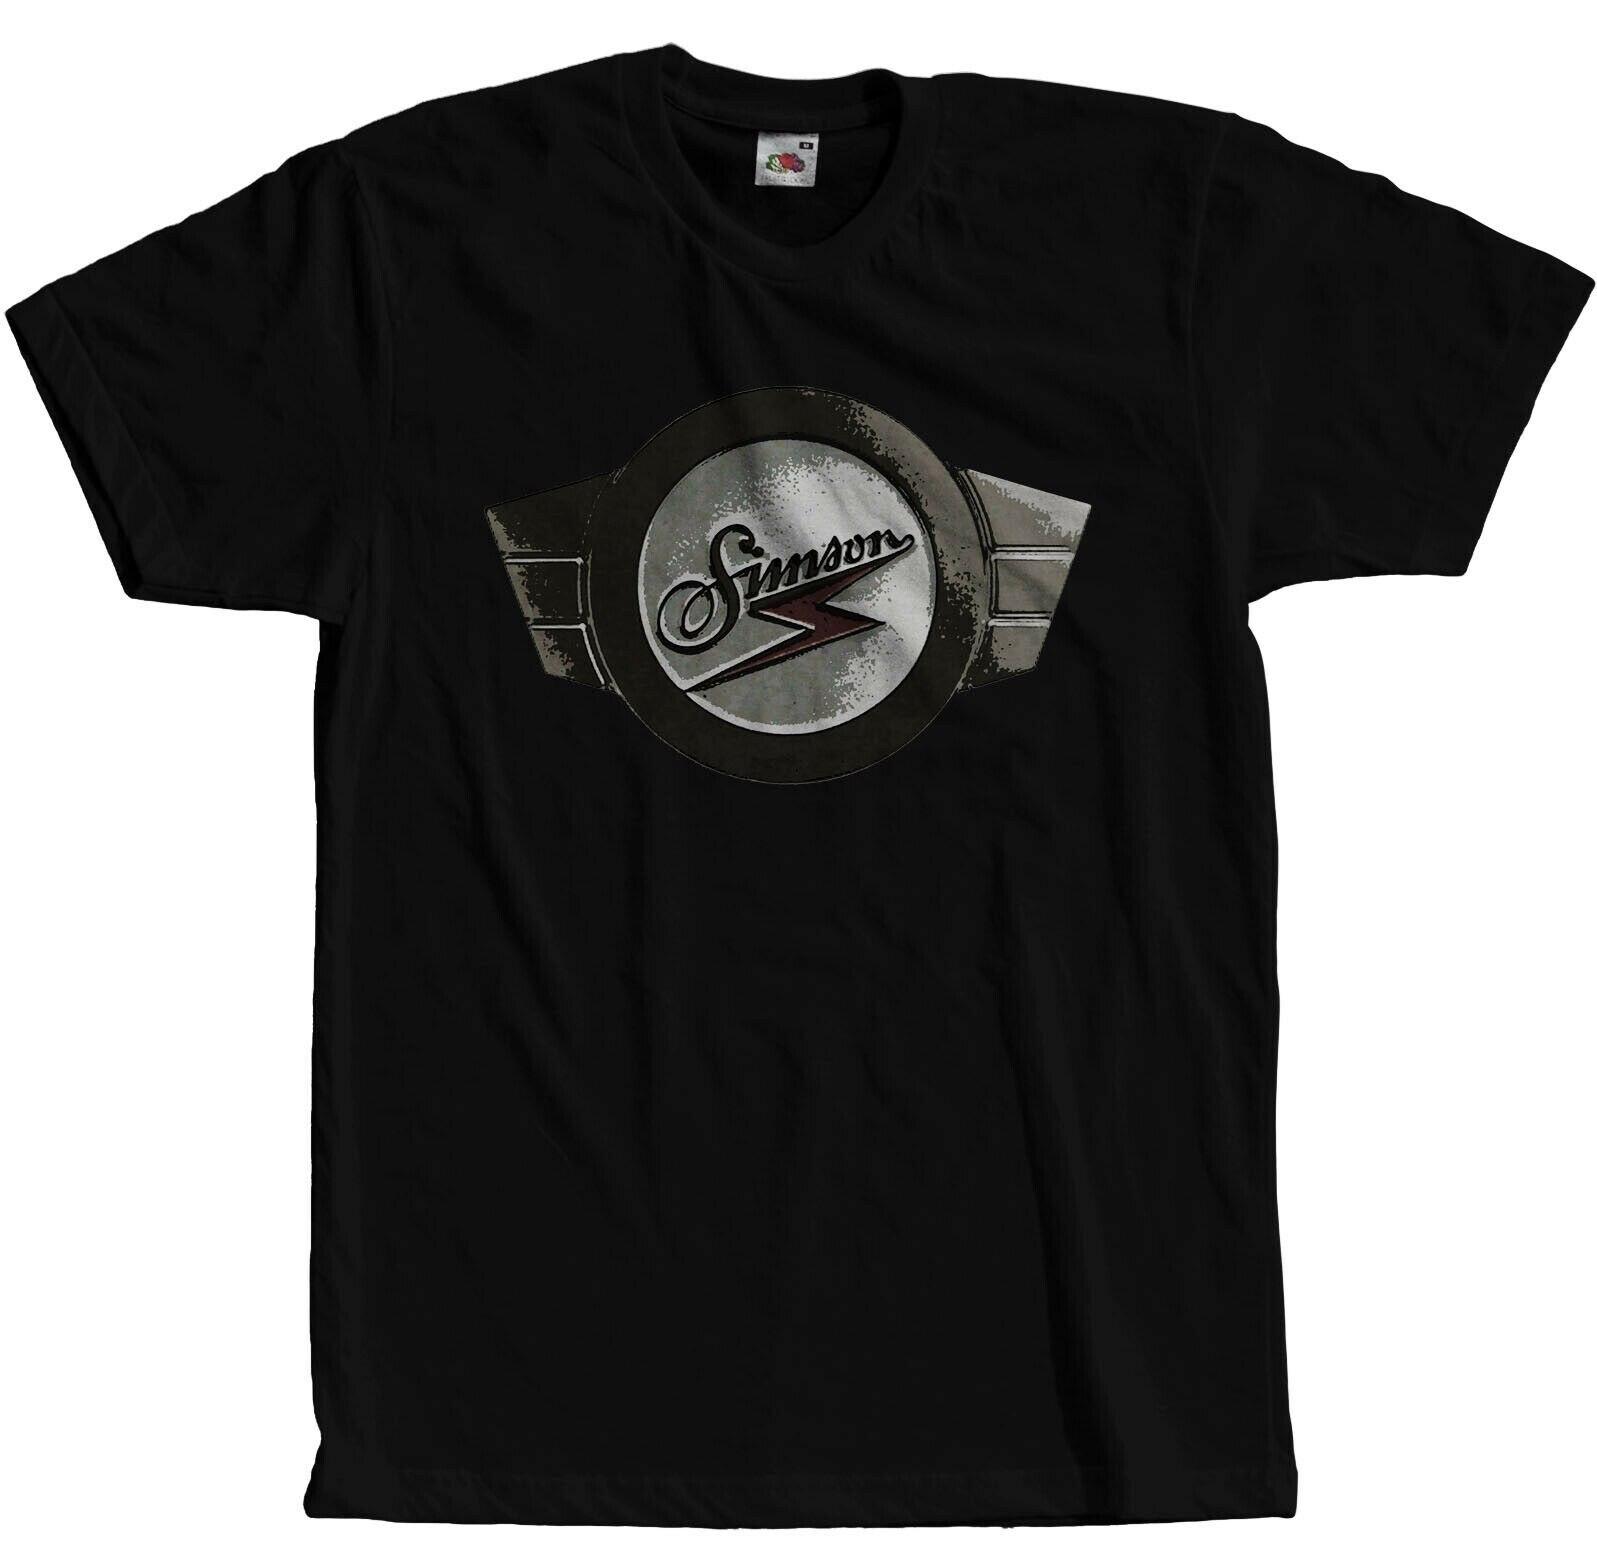 Simson schwalbe ifa ddr ostkult s50 s51 ciclomotor logotipo 2019 verão estilo de alta qualidade topos camisa para o homem o pescoço t